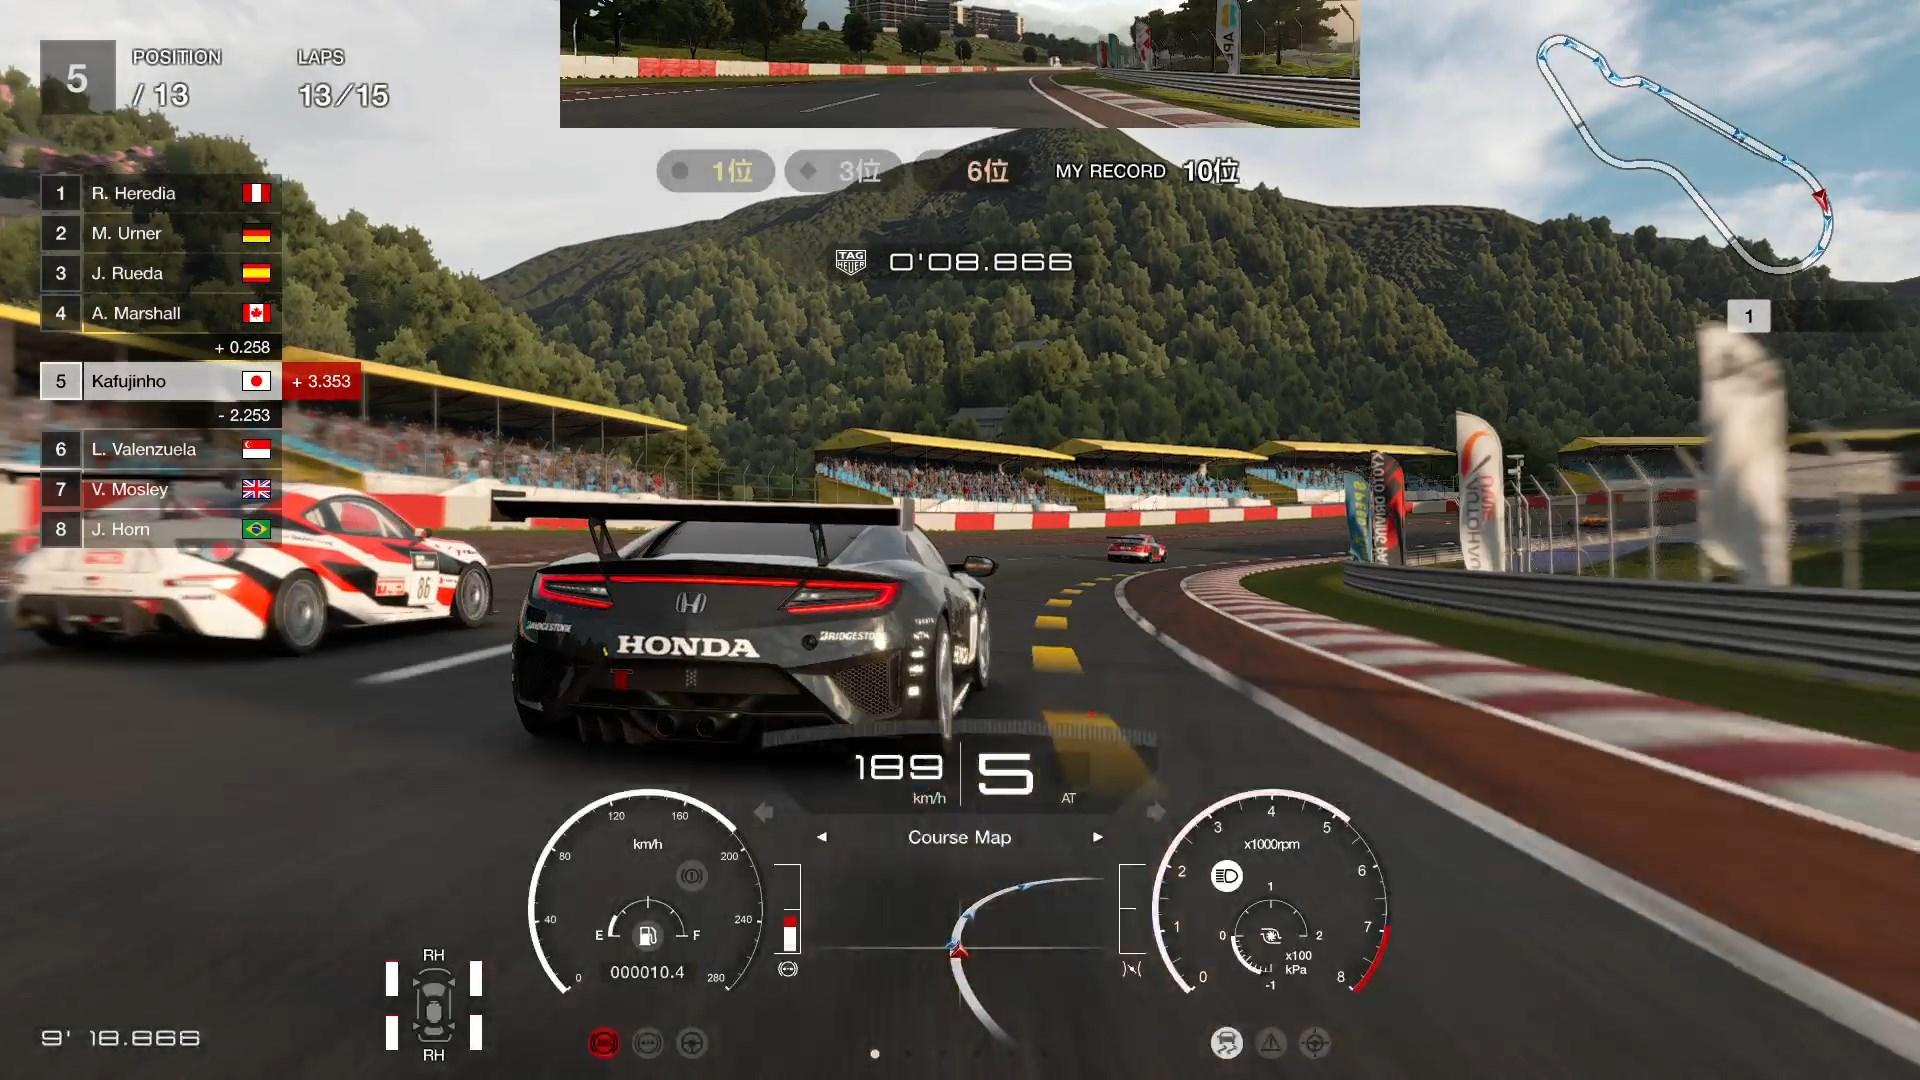 レース中の状況も課題に含まれてくると、本格的にレースシムの面白さが見え始める